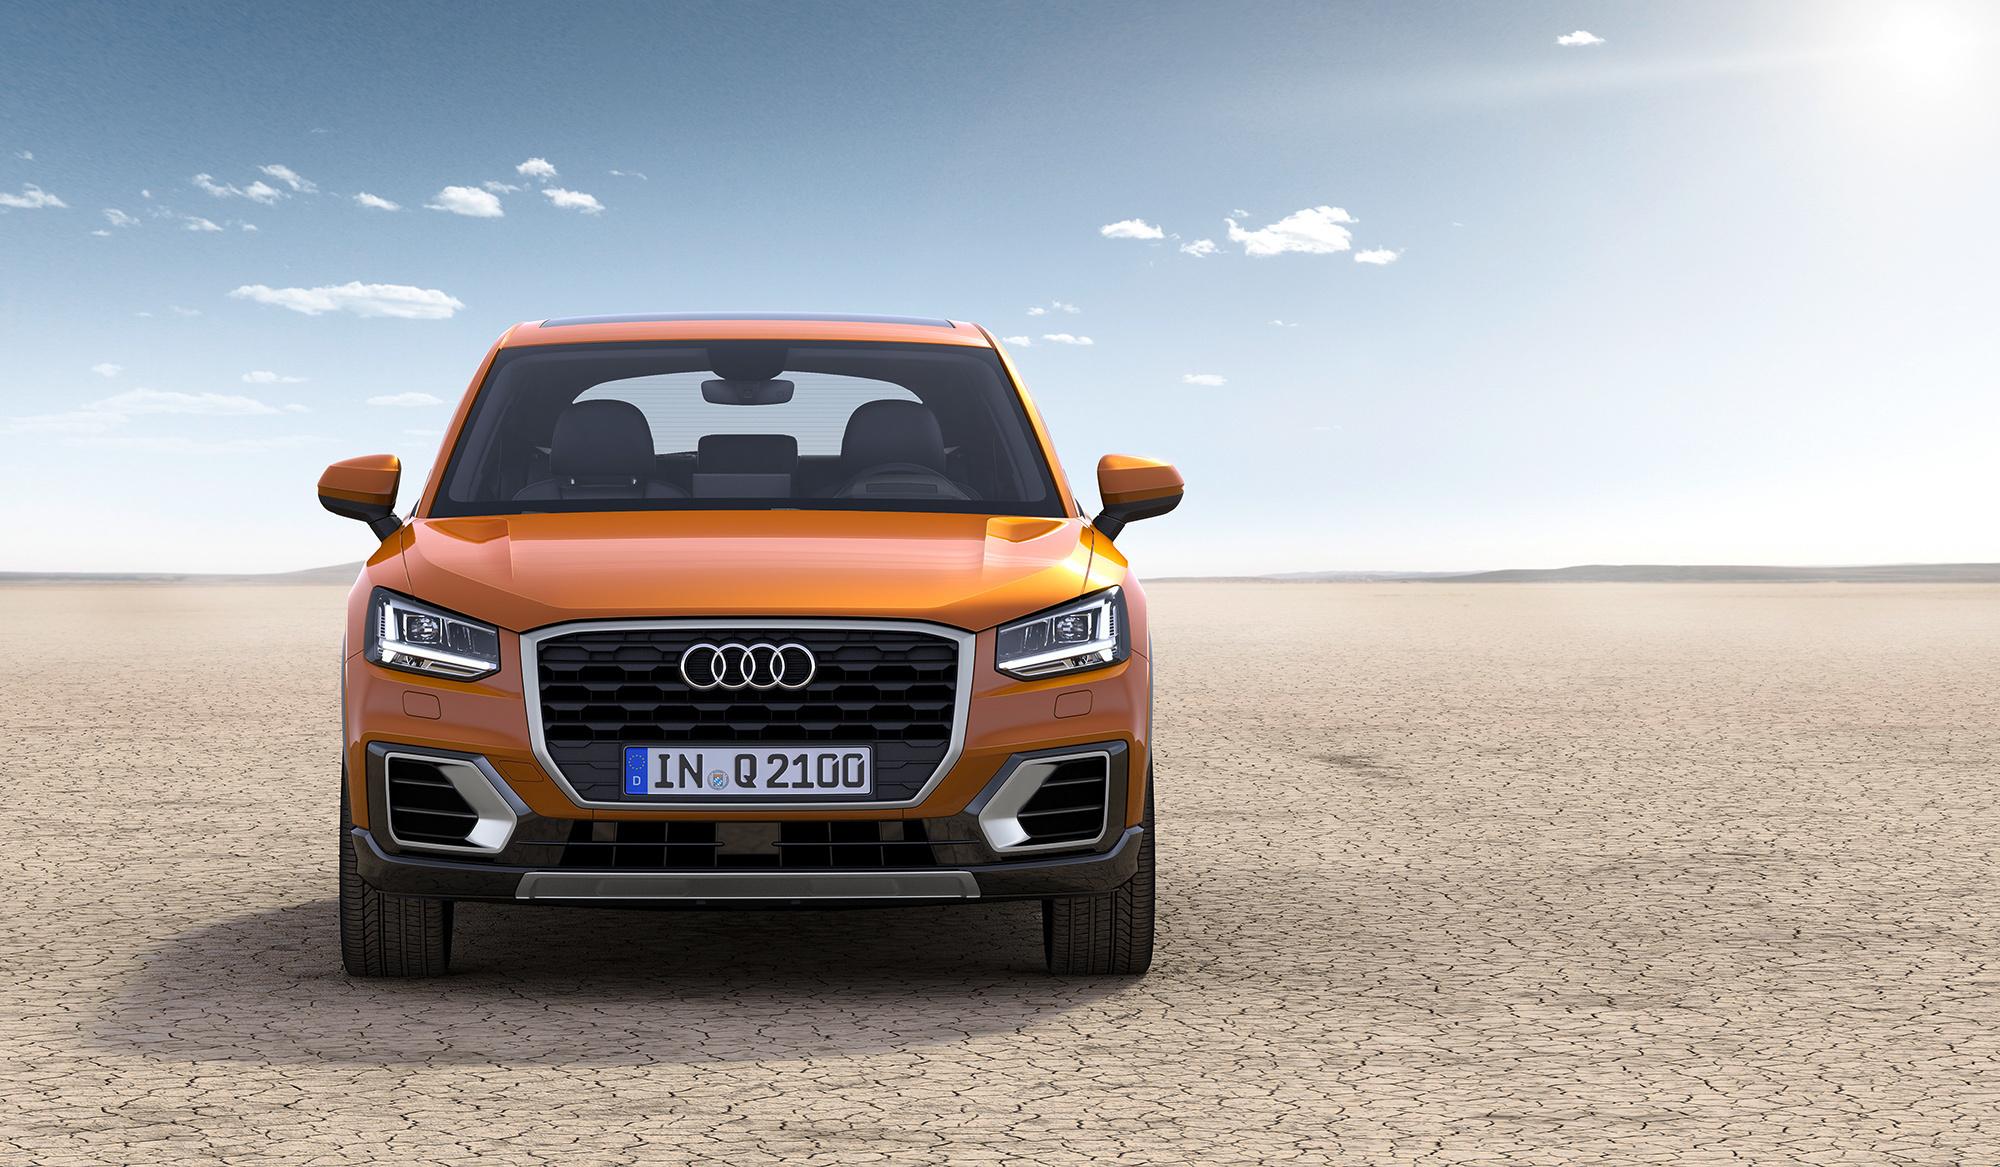 Audi Q2 Full HD